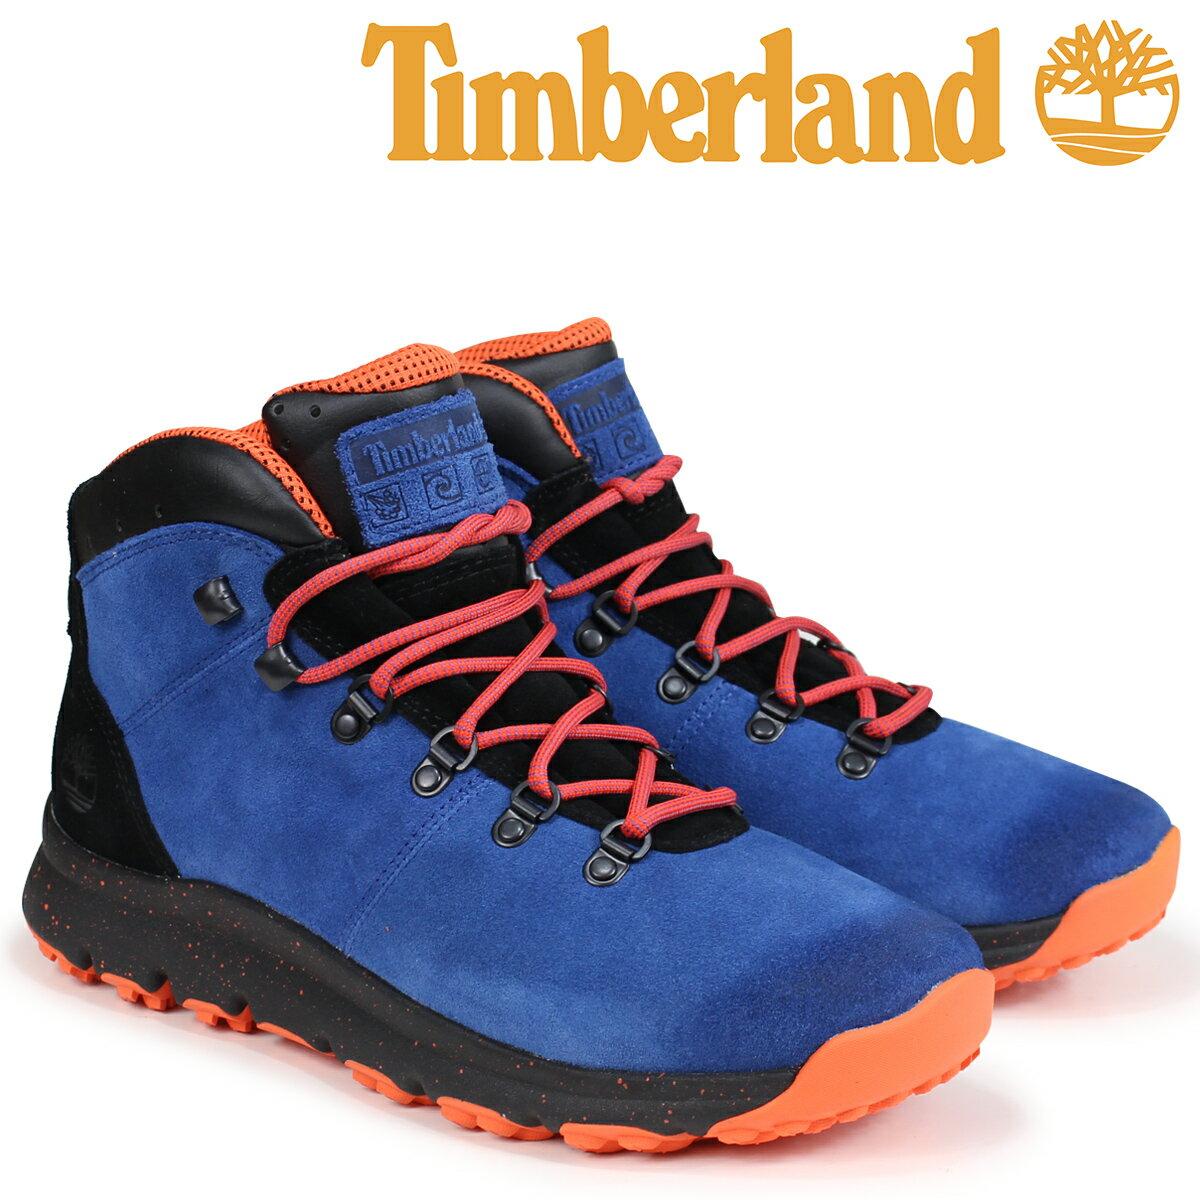 ティンバーランド ブーツ メンズ Timberland WORLD HIKER A1RFR Wワイズ ブルー [9/5 新入荷]